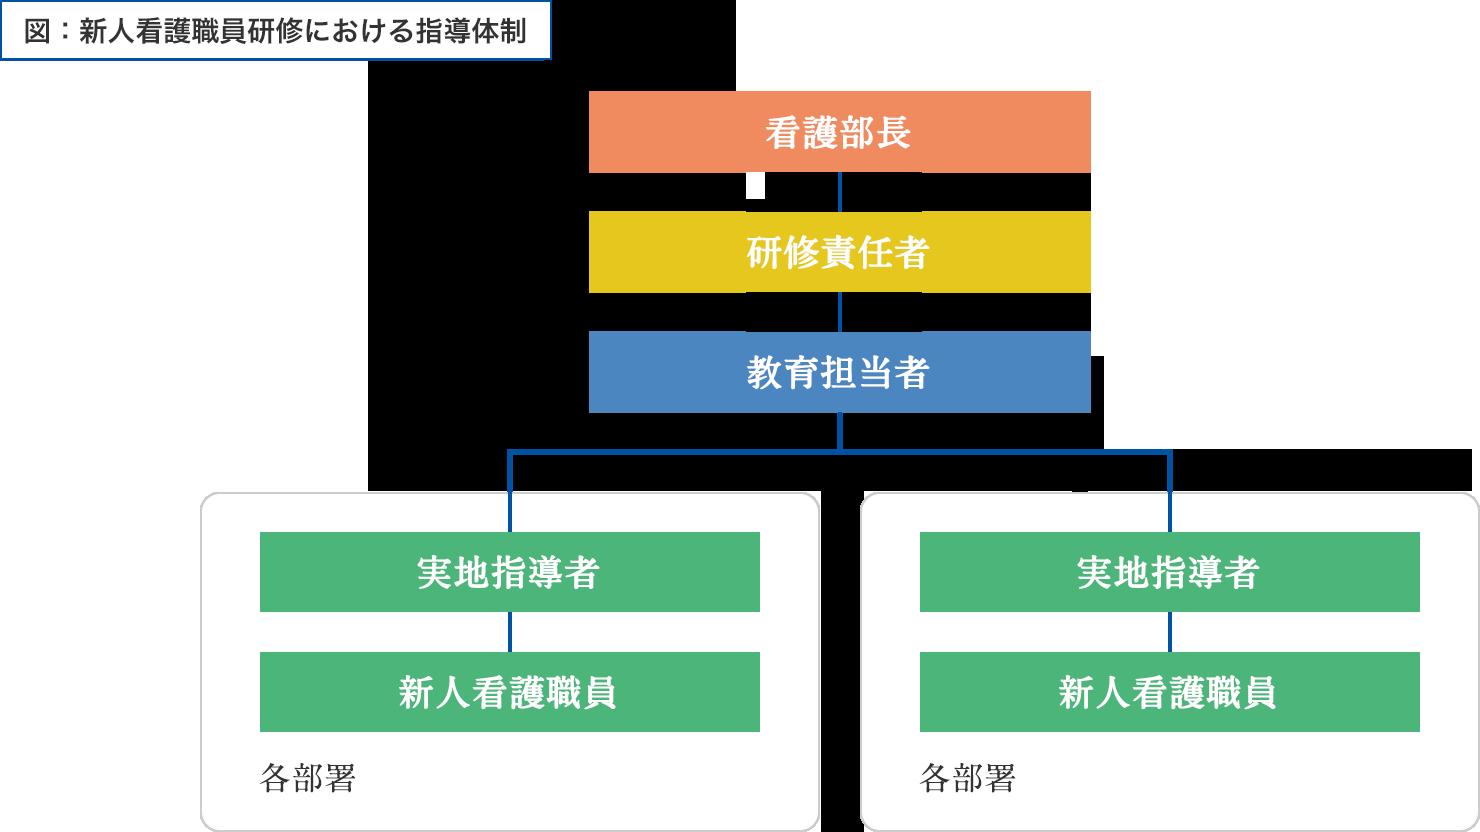 図:新人看護職員研修における指導体制